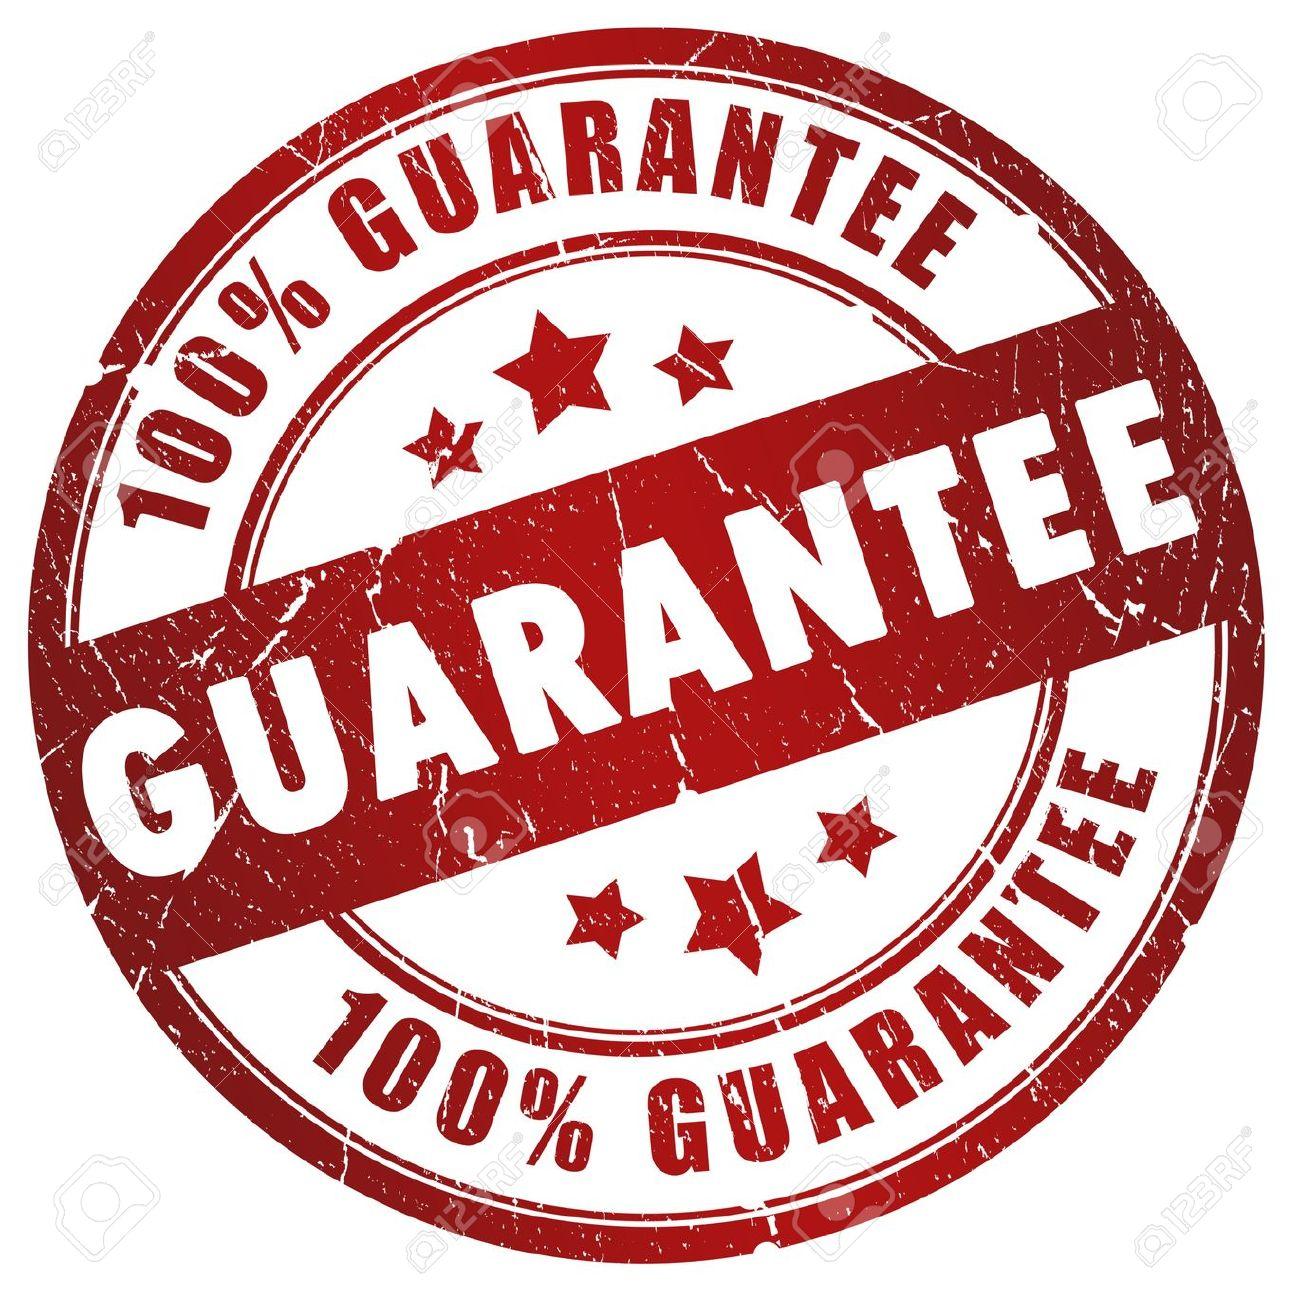 Guarantee grunge stamp Stock Photo - 9986715 - Guarantee PNG - Guarantee PNG